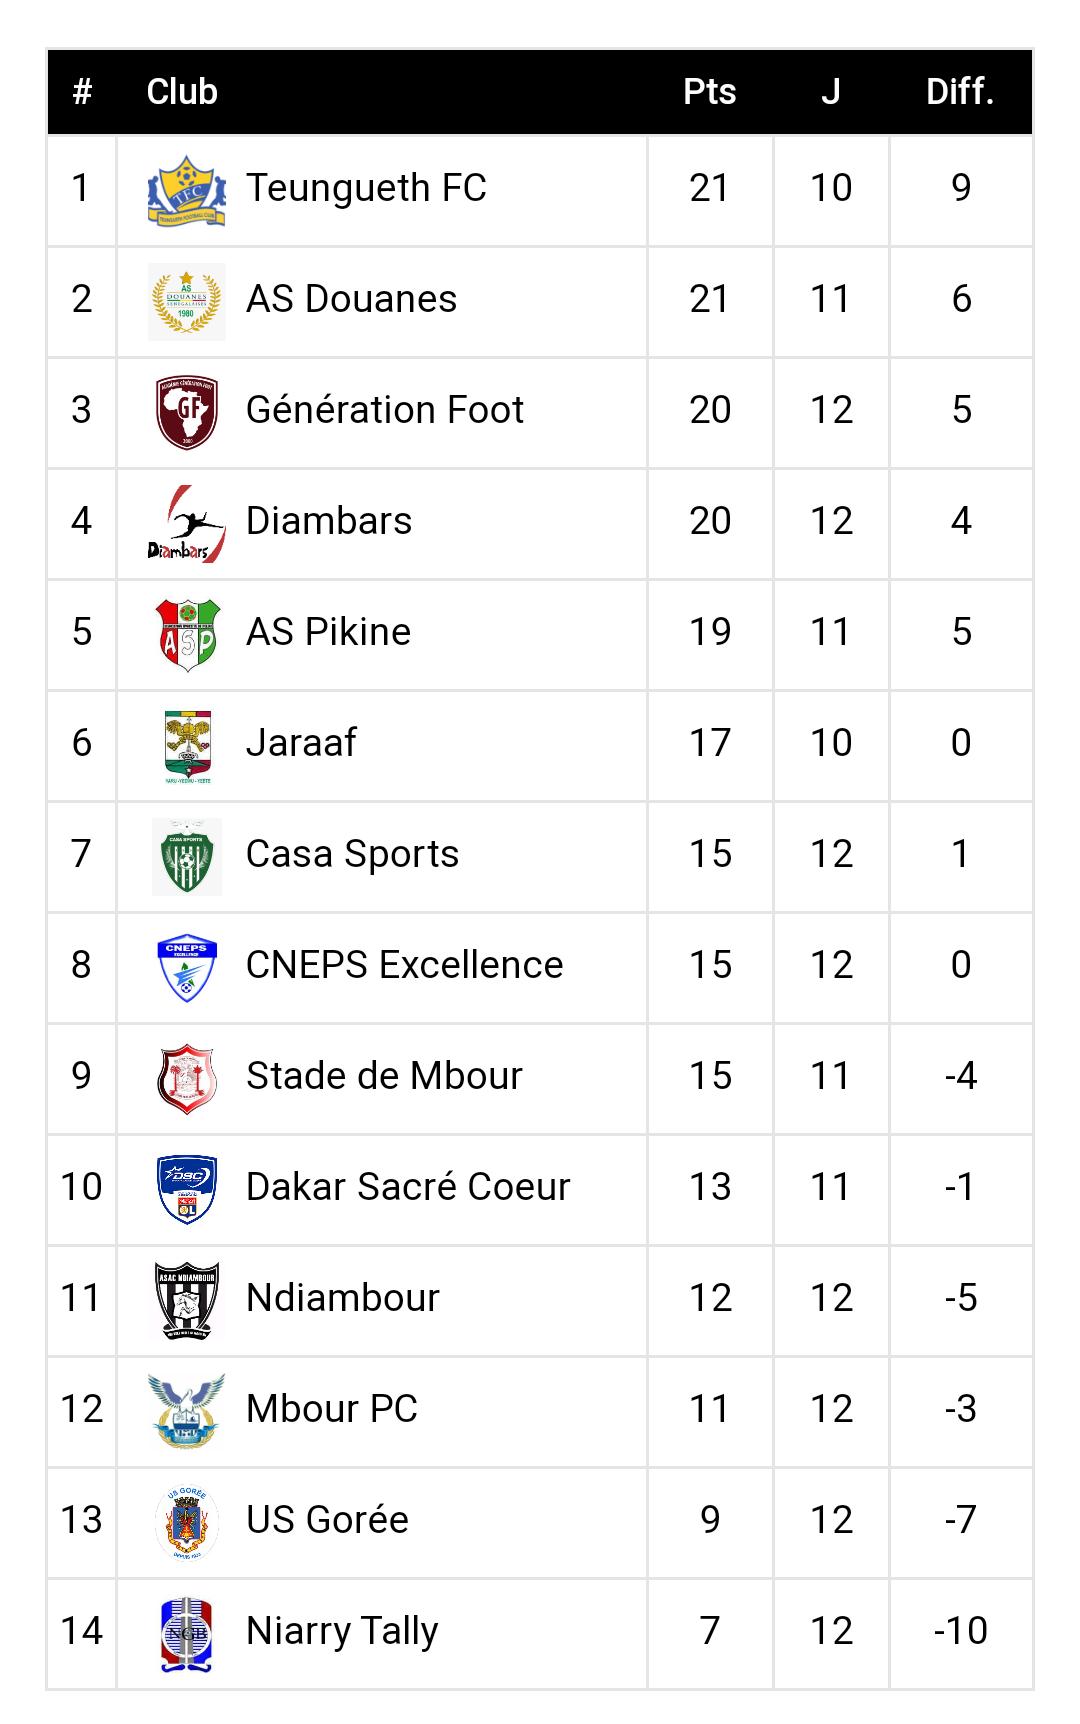 12ème journée Ligue 1 / Résultats et classement : Télescopage dans le haut du classement, une série de matchs nuls au menu...